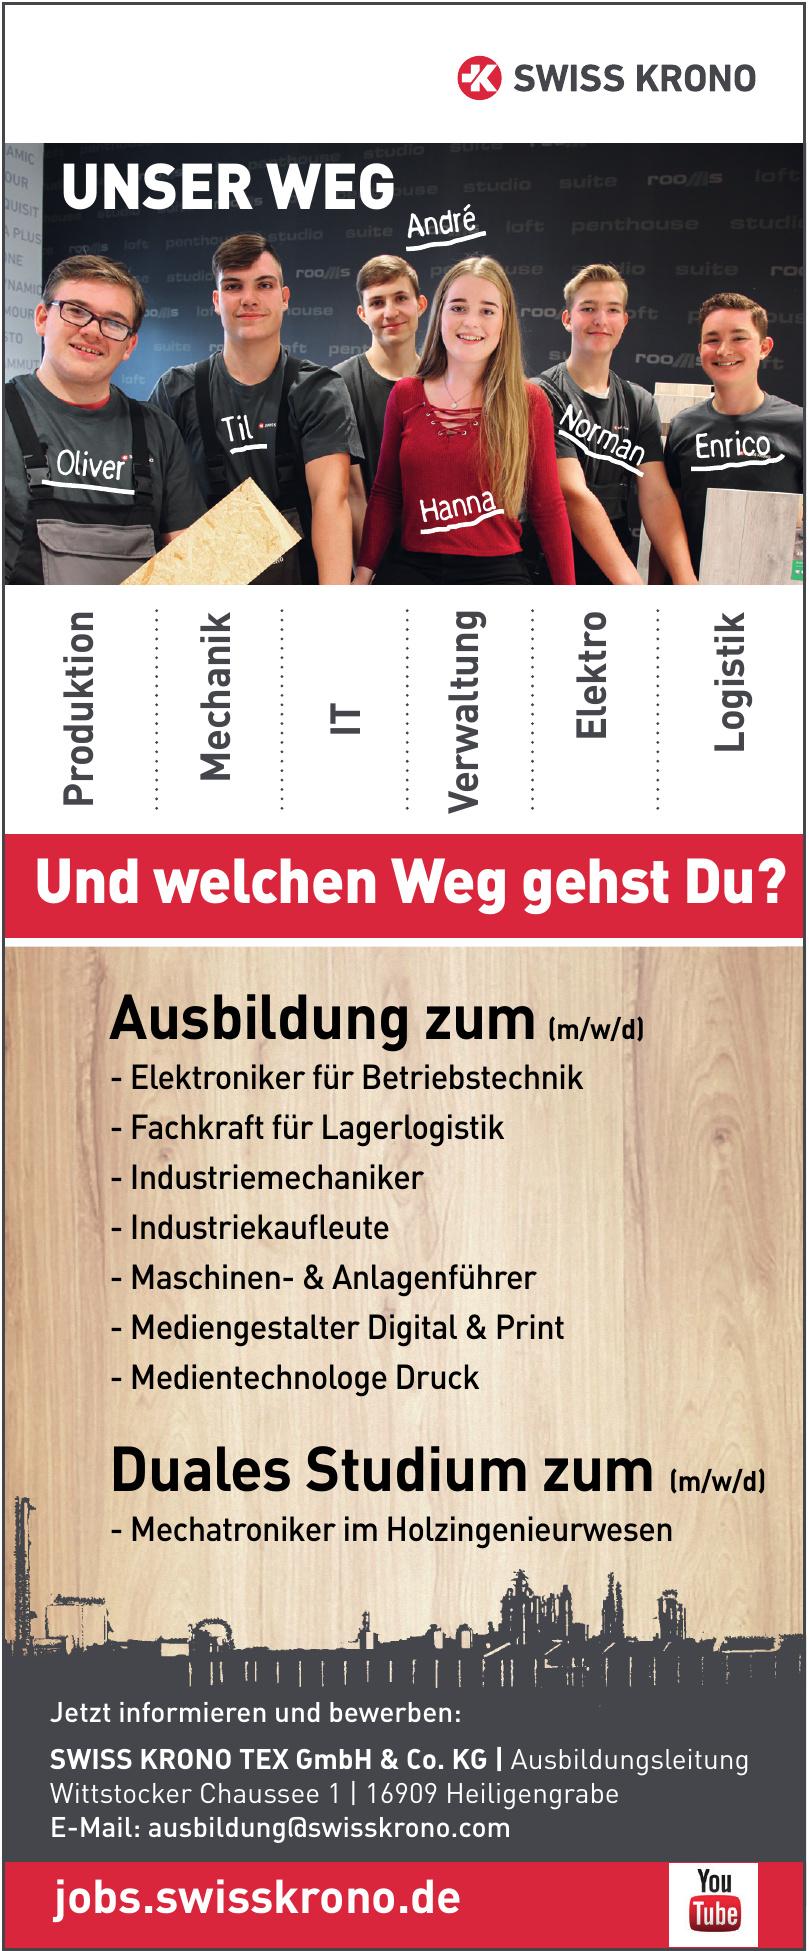 SWISS KRONO TEX GmbH & Co. KG